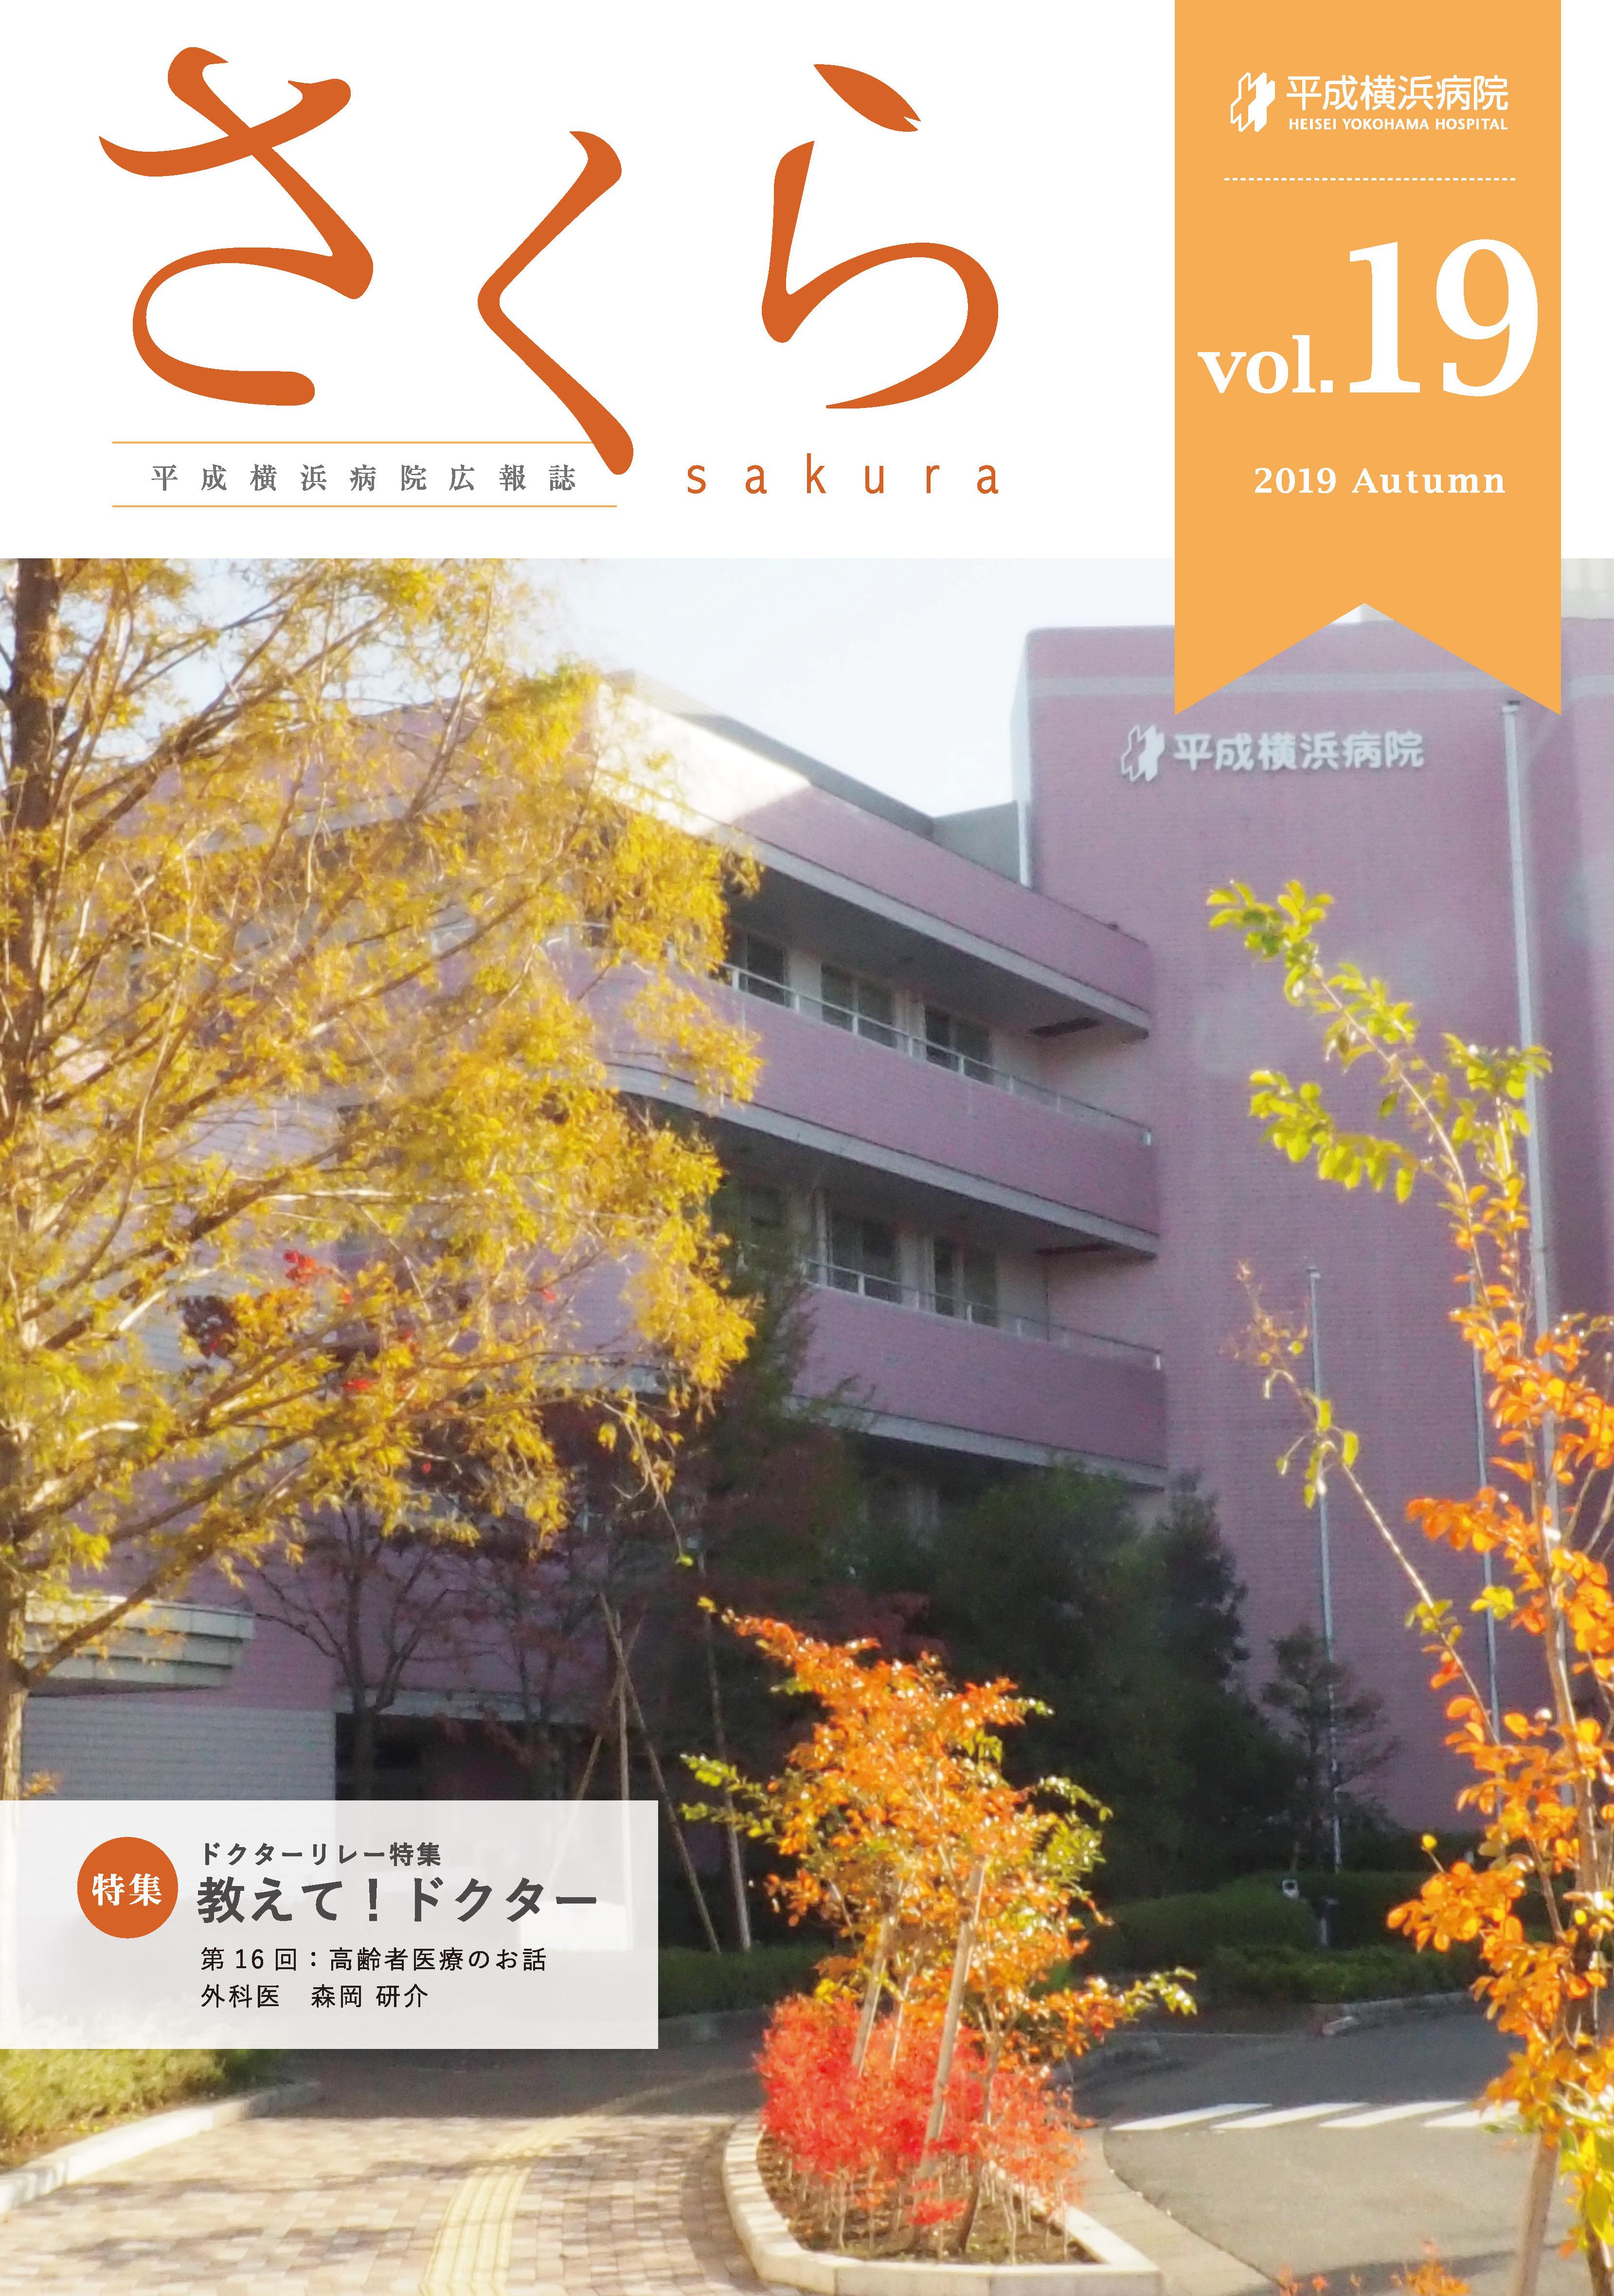 さくら vol.19